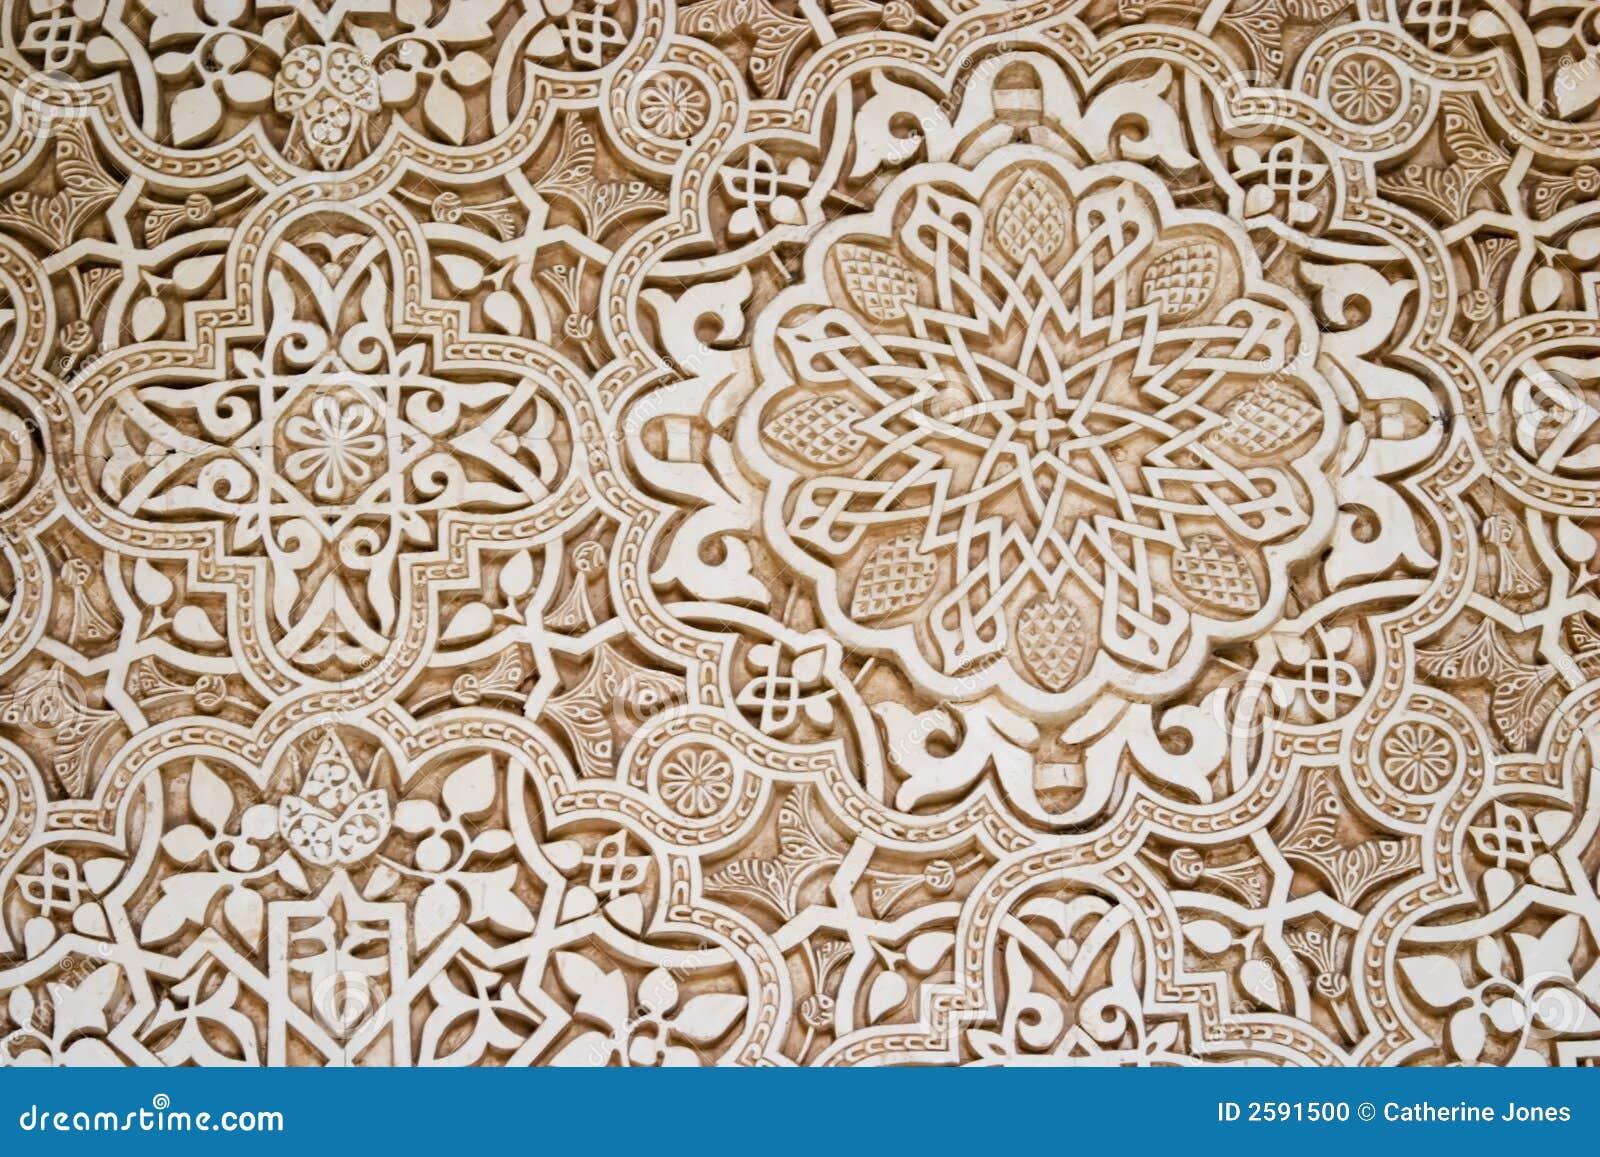 Islamitische Kunst - Alhambra